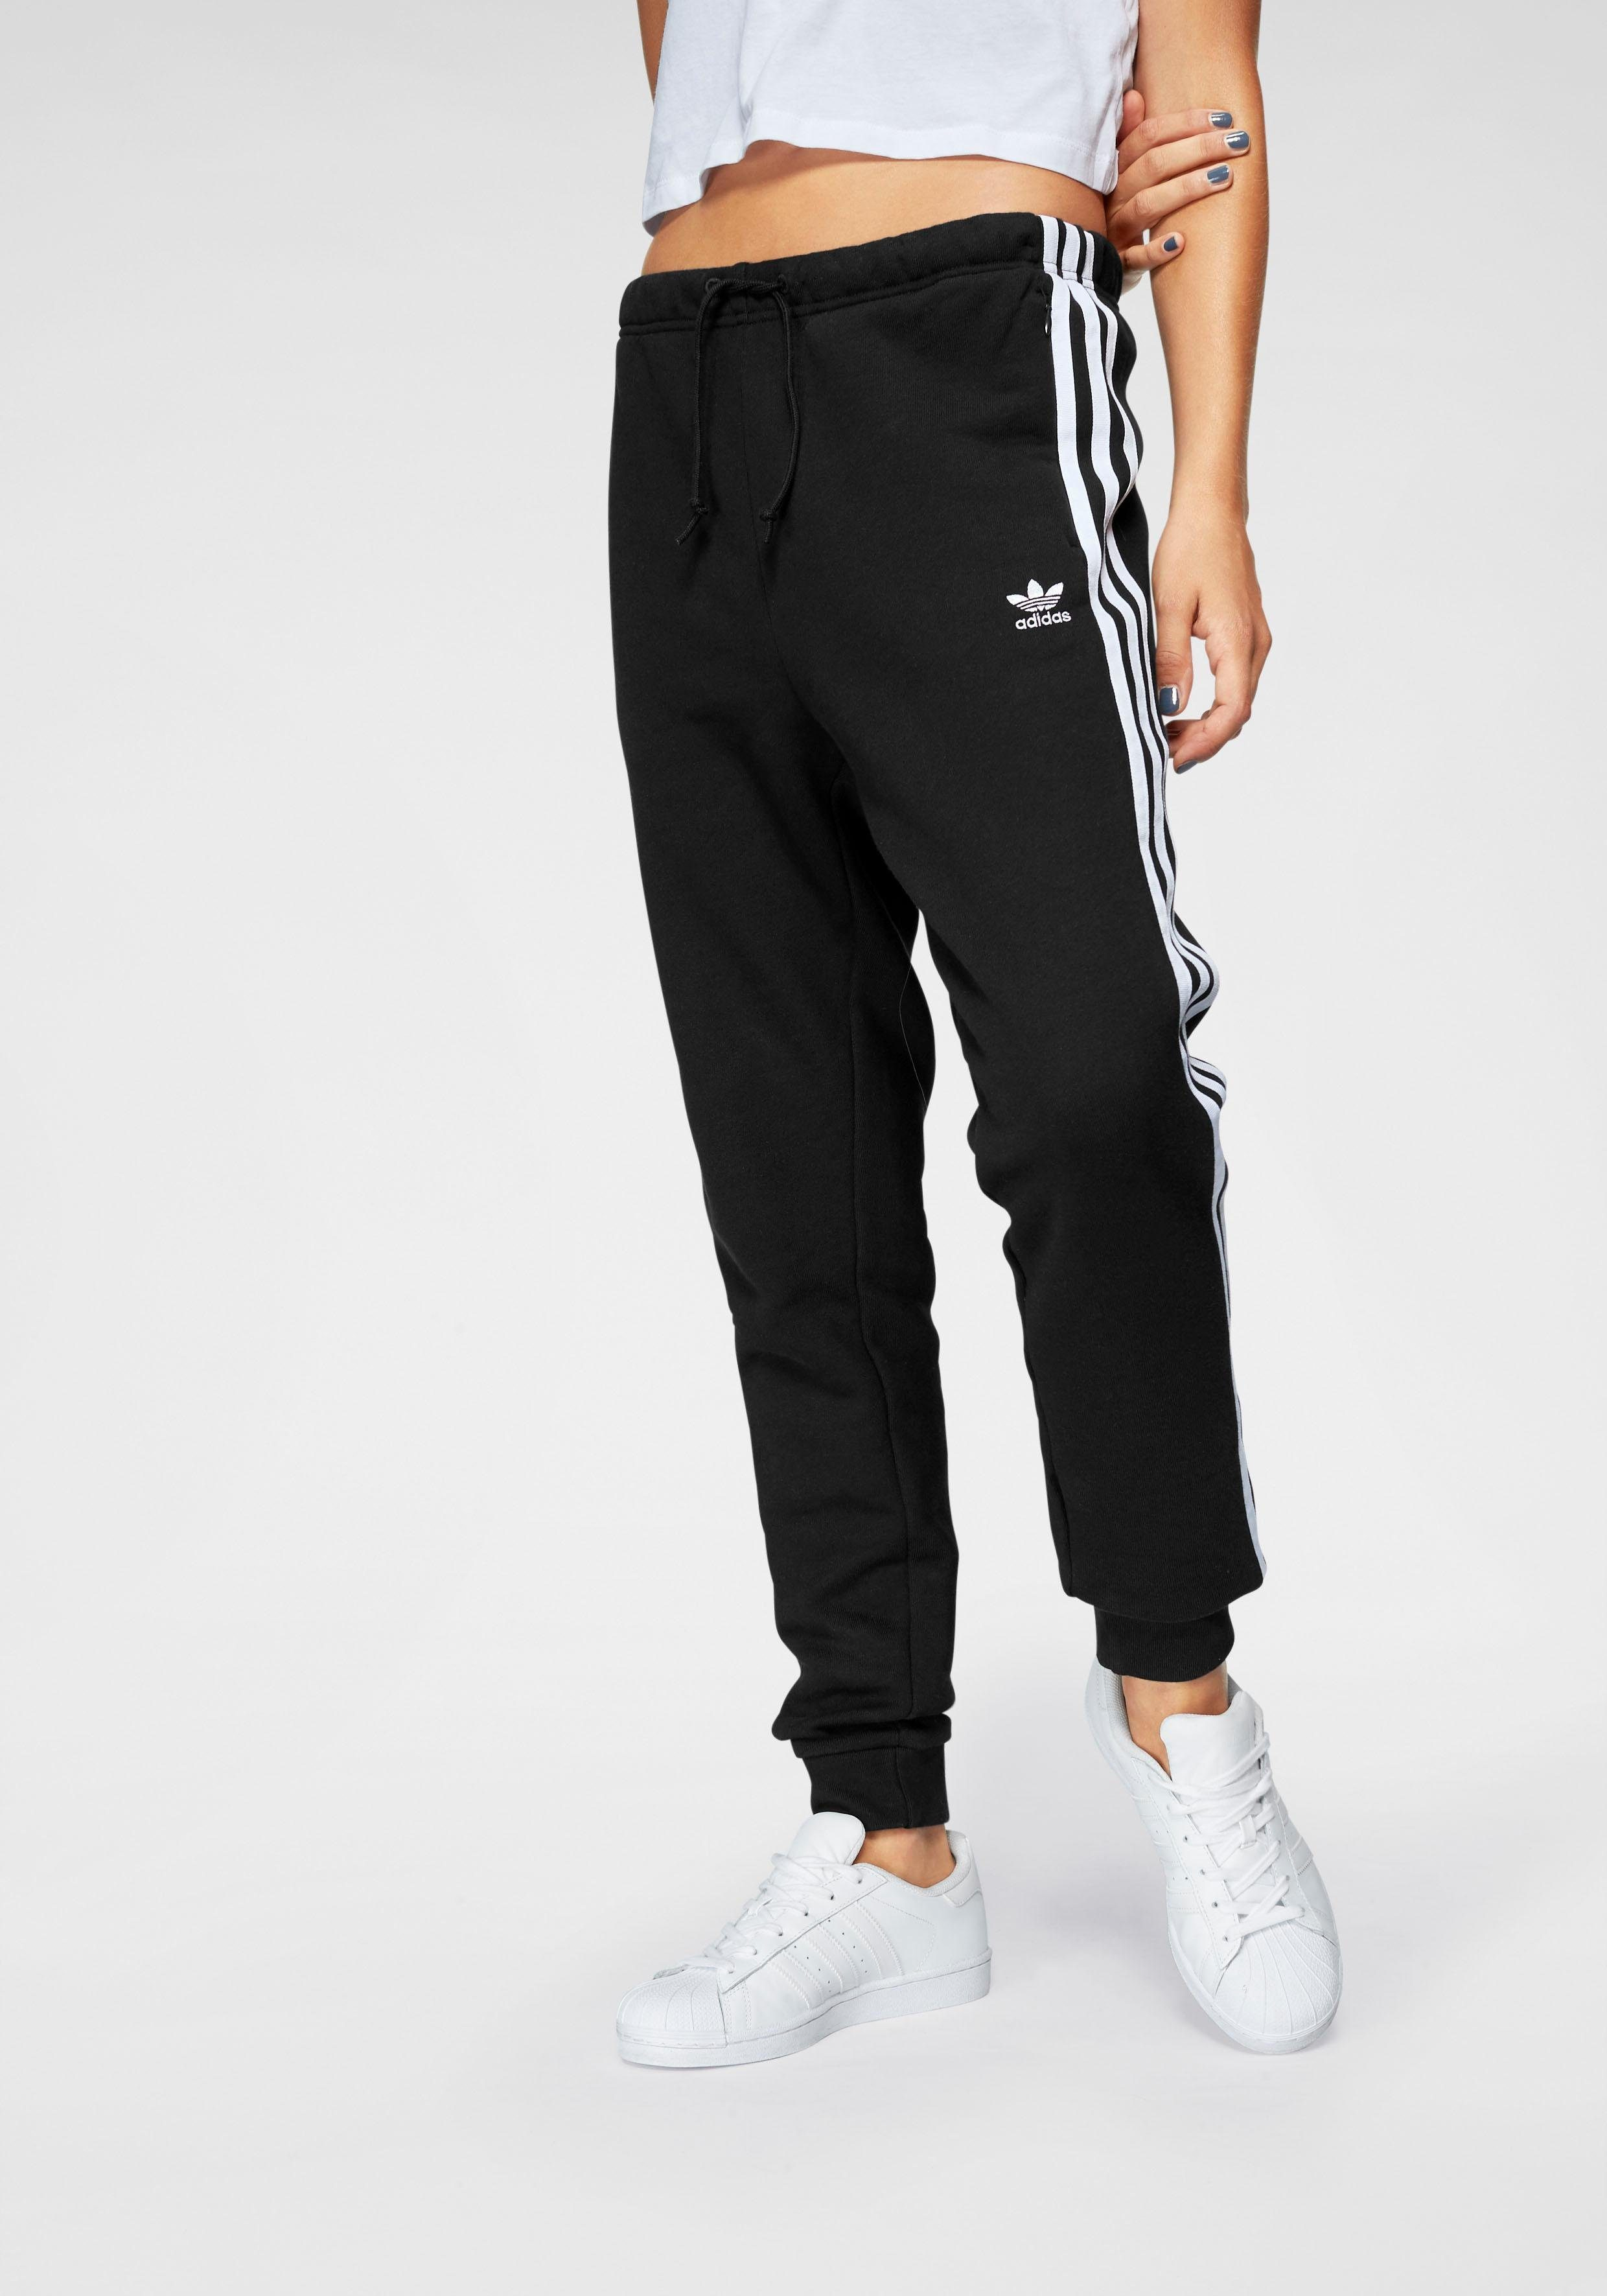 adidas Originals Jogginghose, Seitlich versteckte Reißverschlusstaschen  online kaufen | OTTO